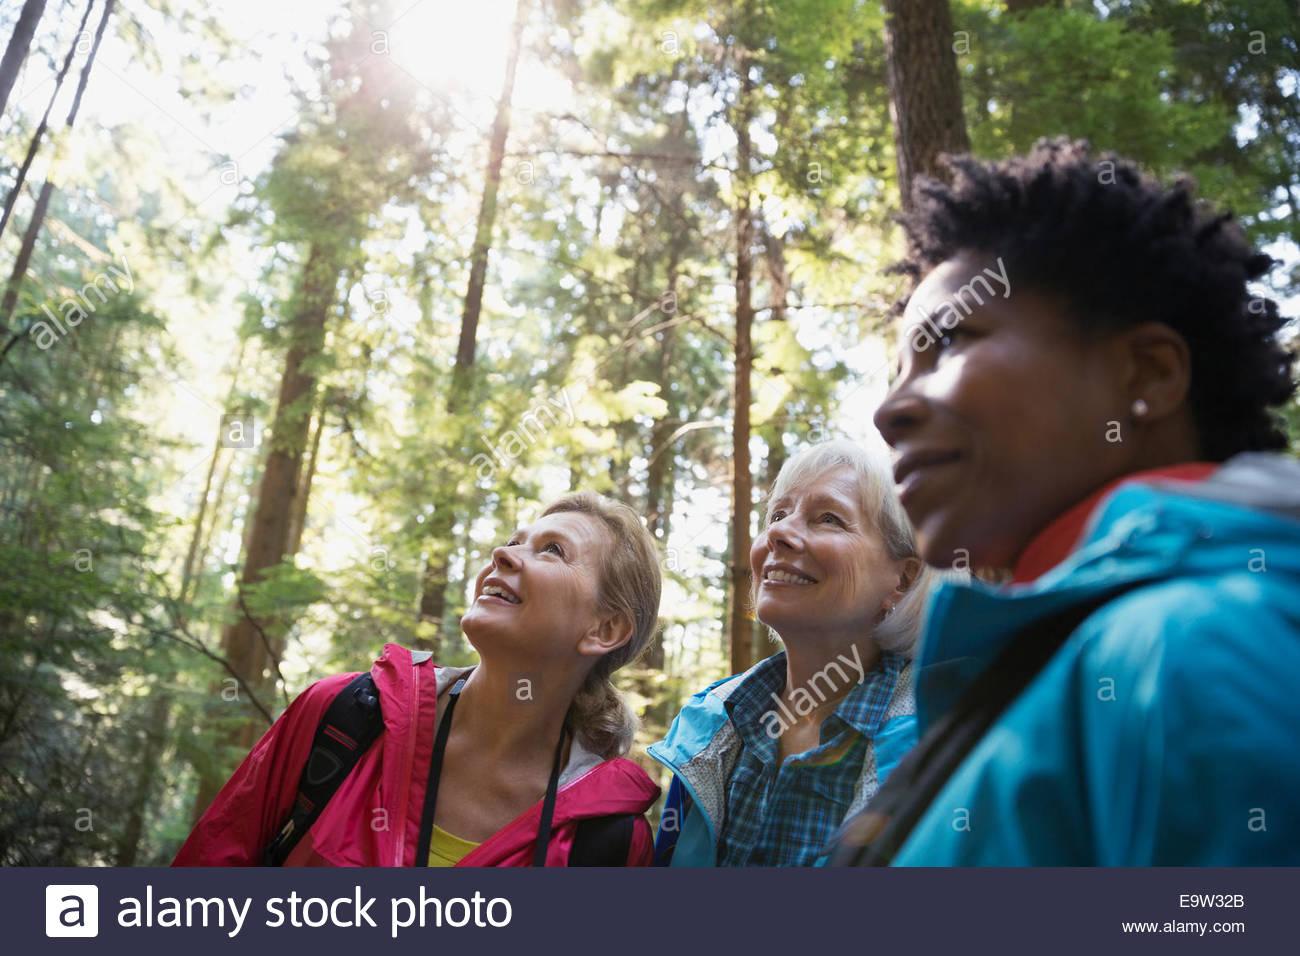 Curiosa mujeres buscando en los árboles en los bosques Imagen De Stock